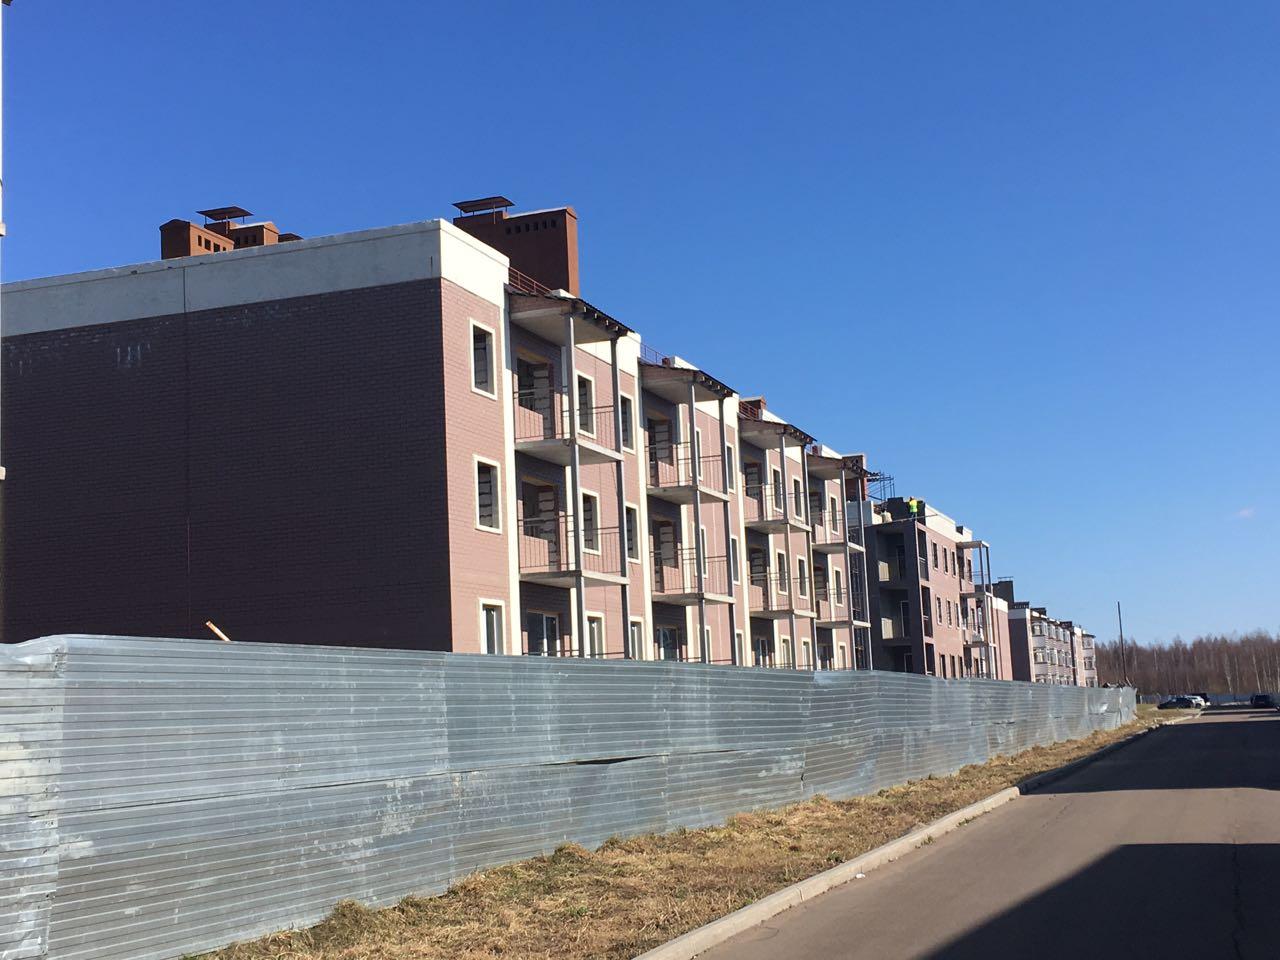 64 семьи обманутых дольщиков получат квартиры к концу этого года